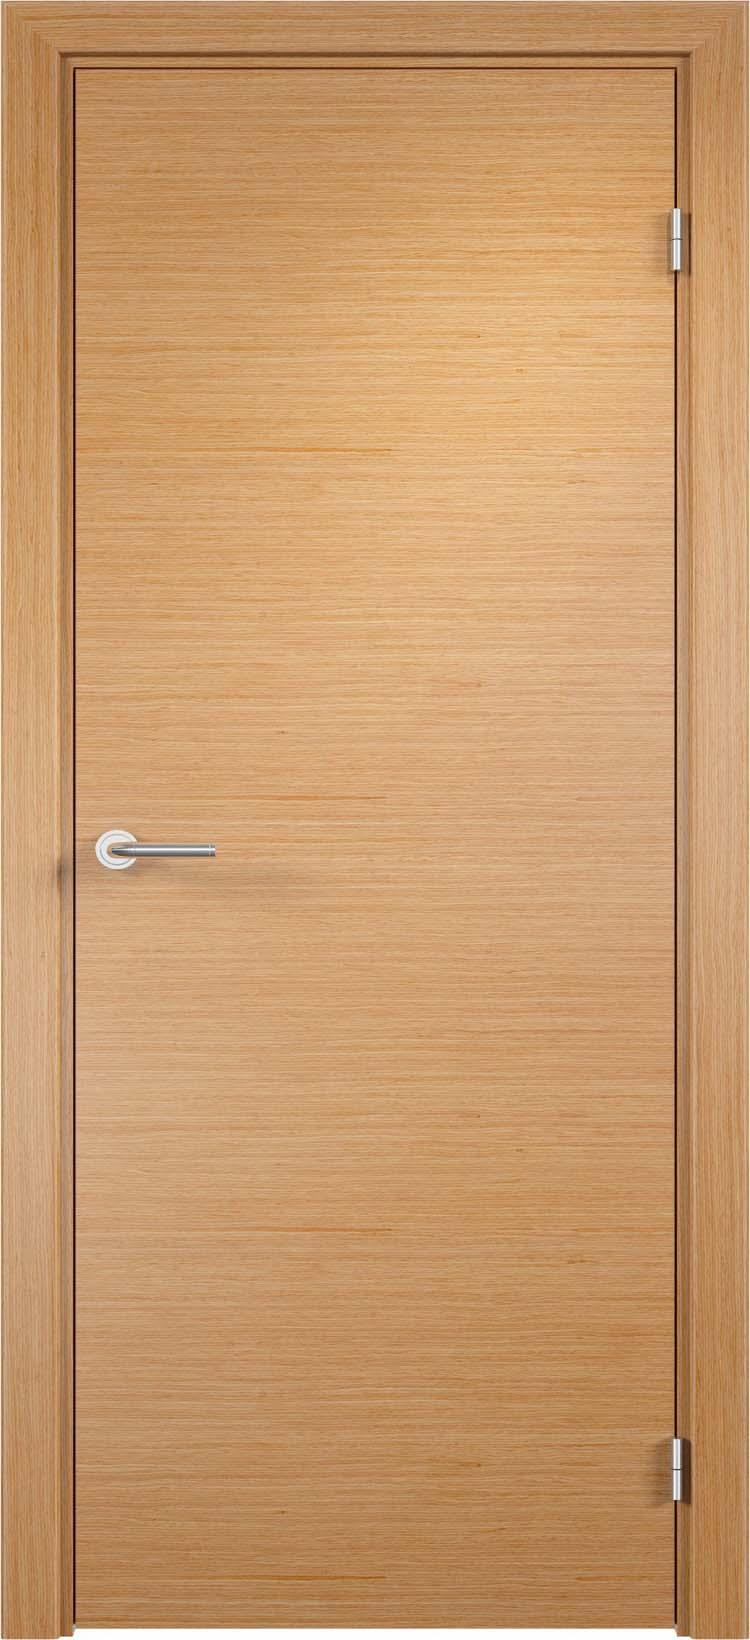 Изготовление дверей из массива - Как делают двери из массива?